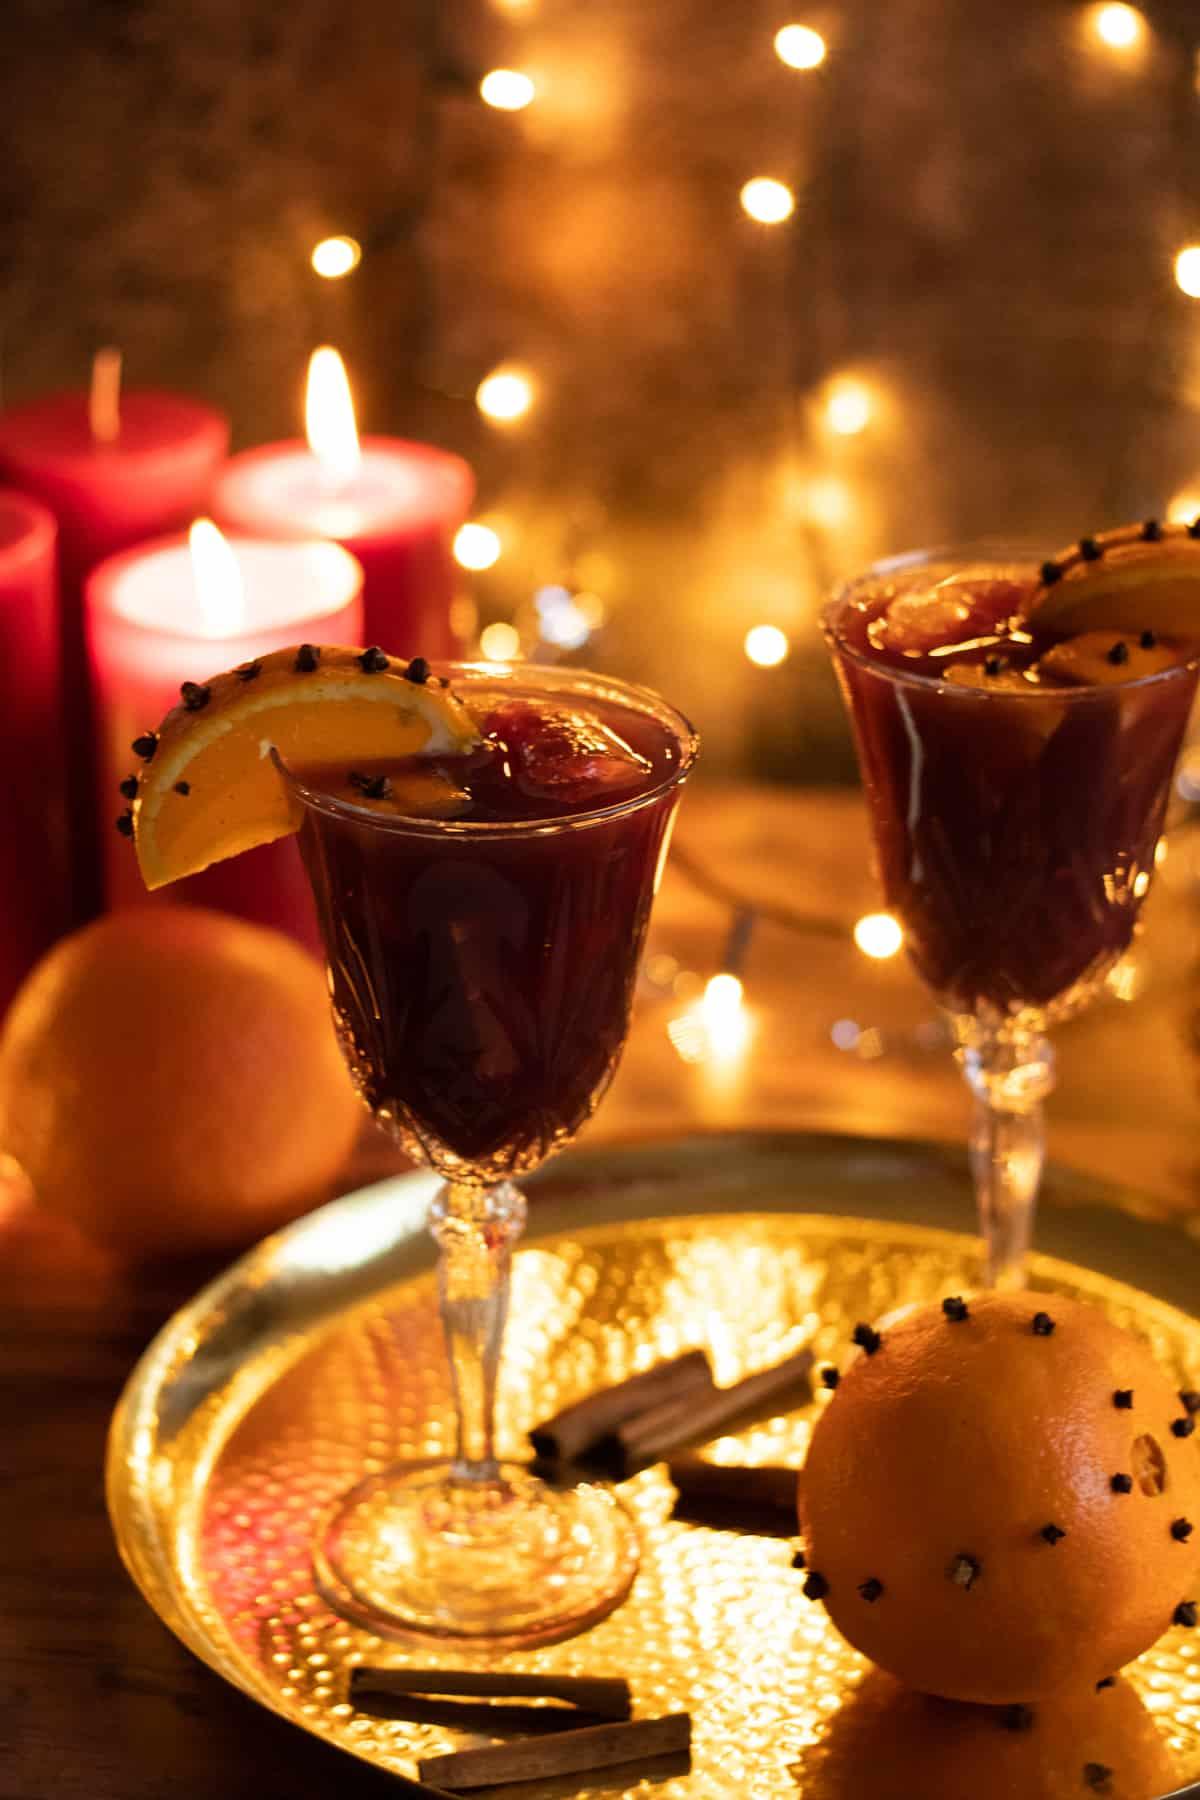 Two glasses of christmas sangria